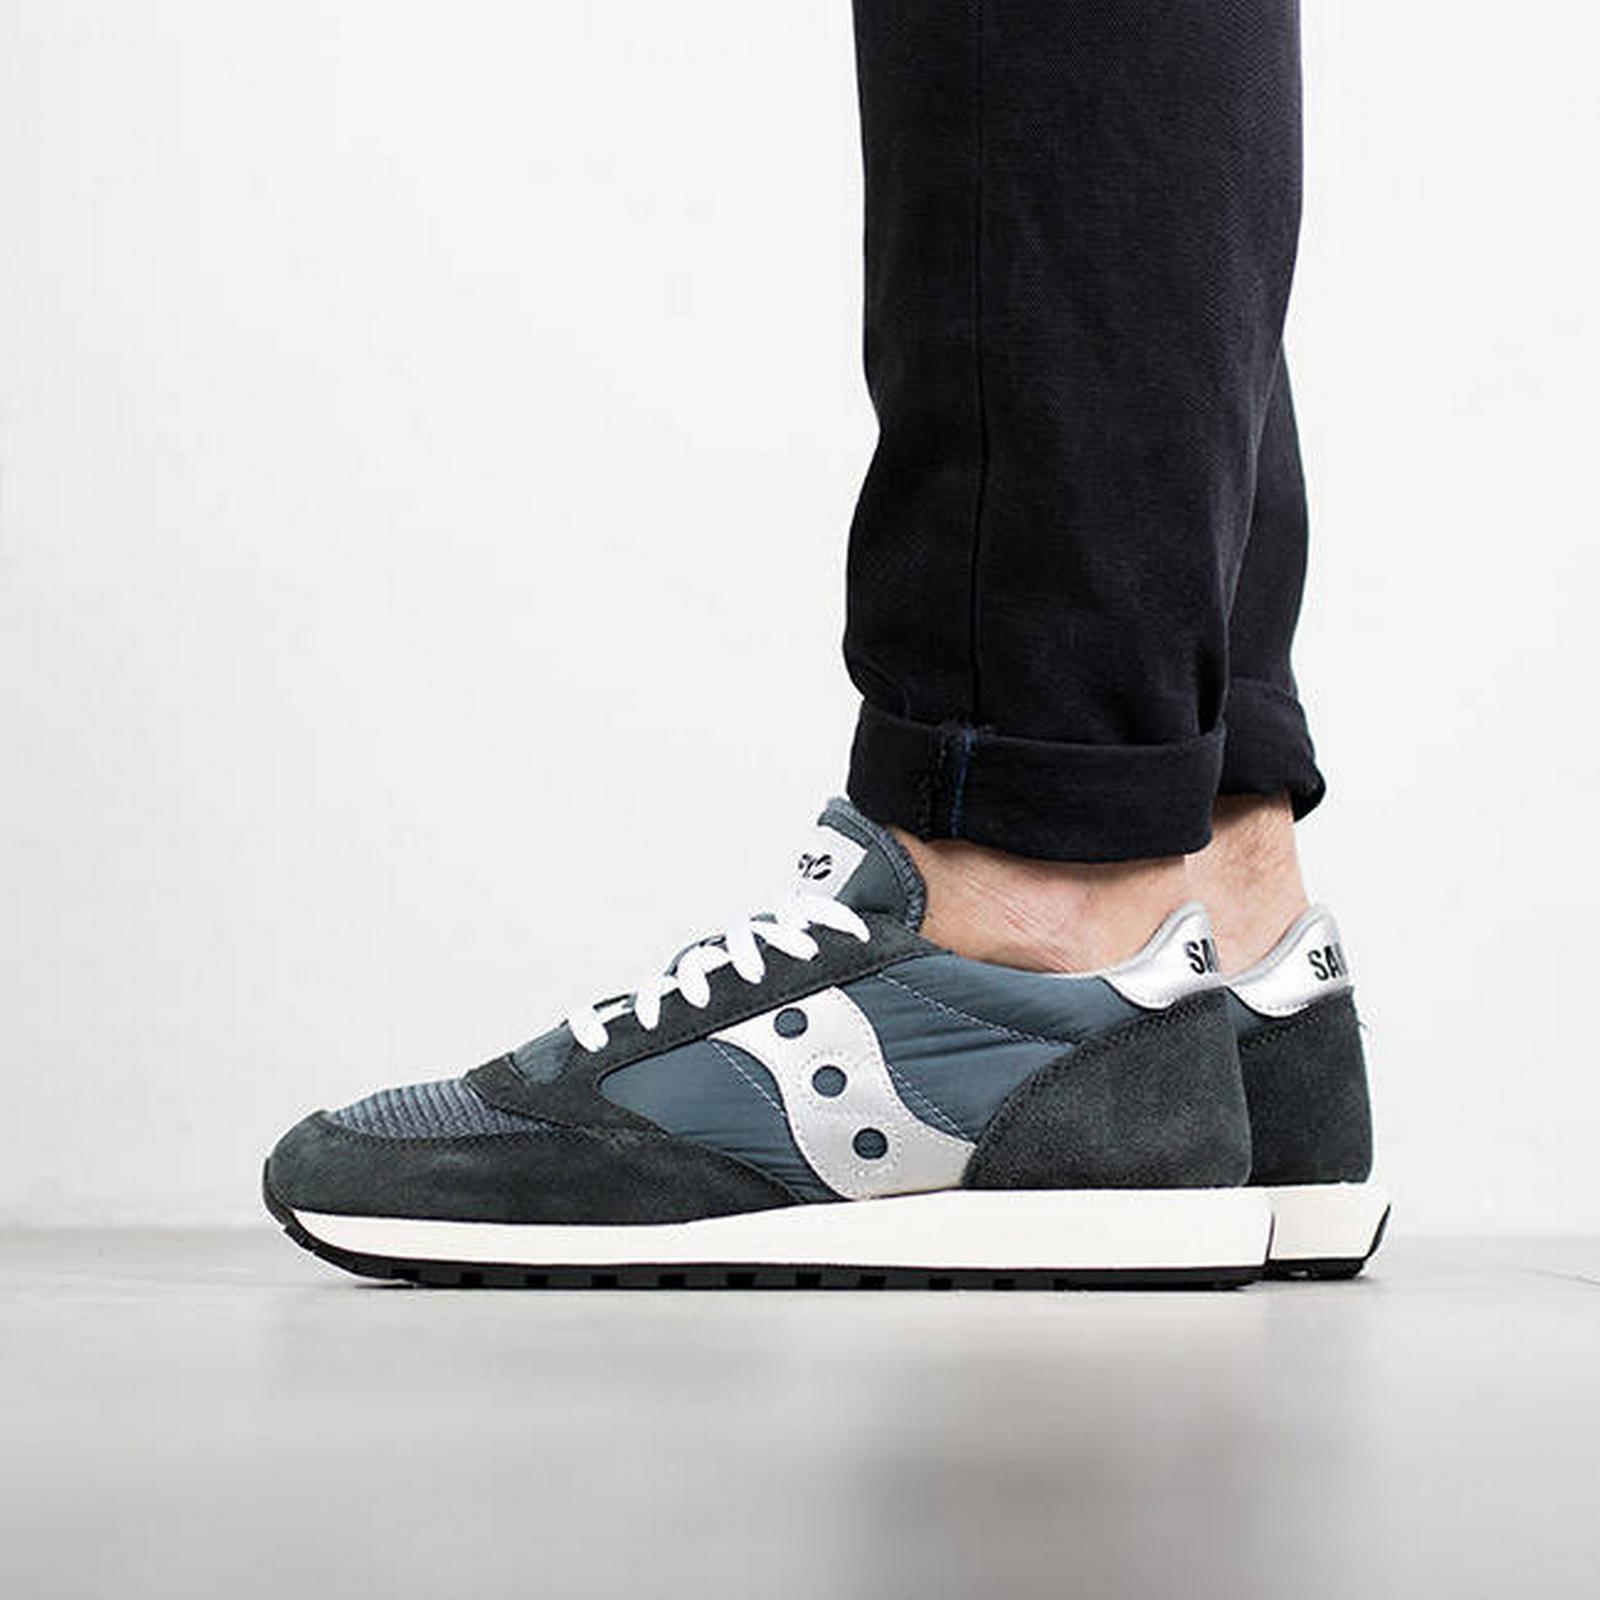 Saucony Men's Shoes sneakers Saucony Jazz Size Original S70368 4 BLUE Size Jazz 46 4b5b9e